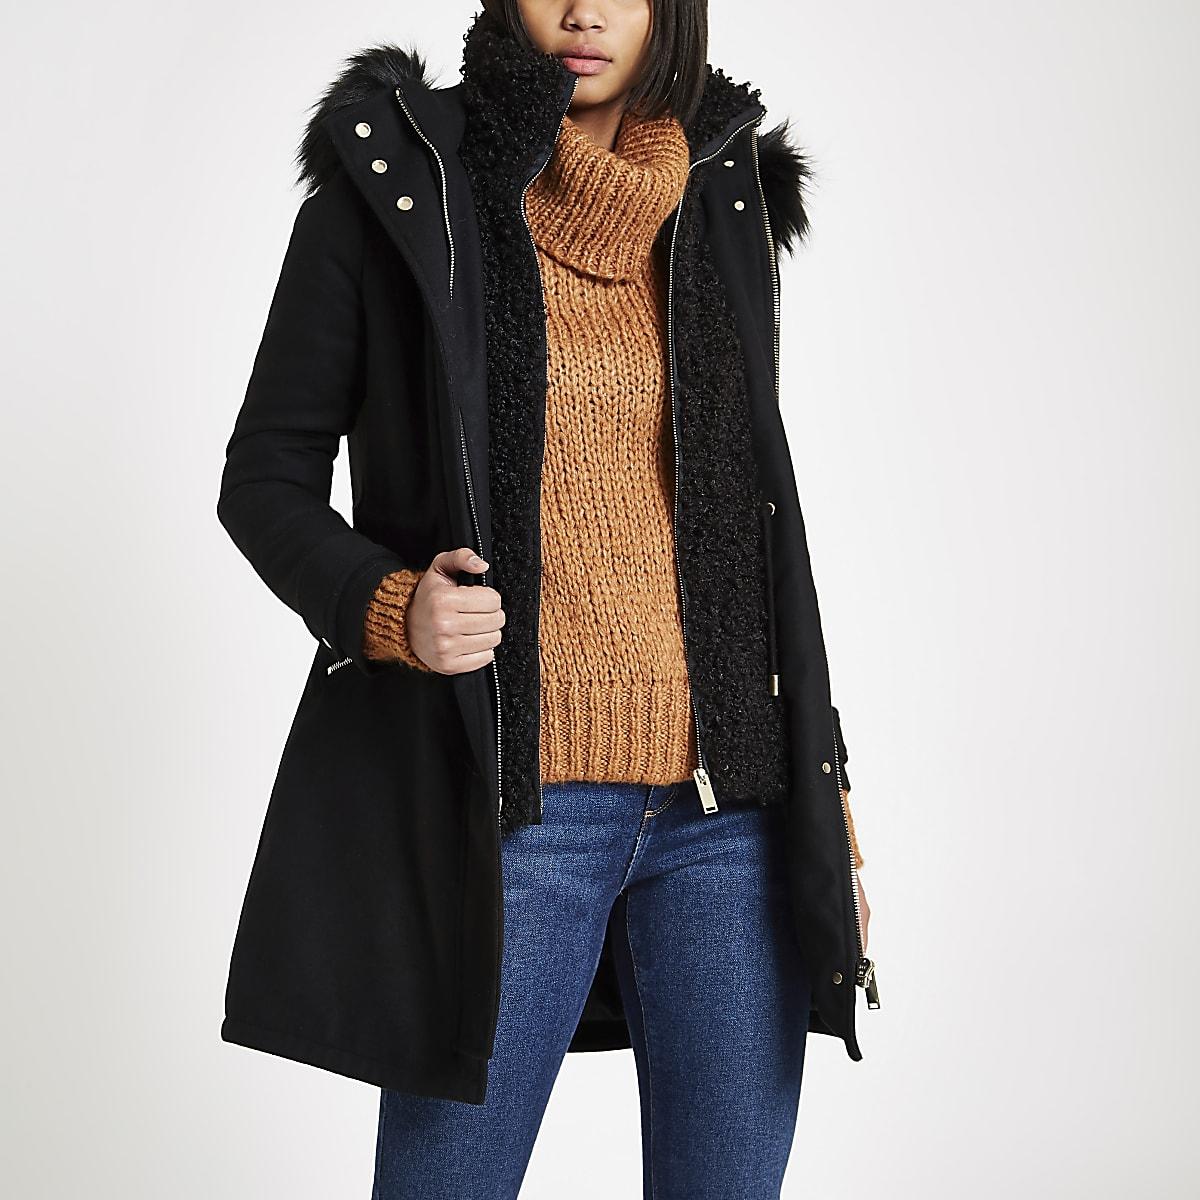 Schwarzer, doppellagiger Mantel aus Lammfellimitat